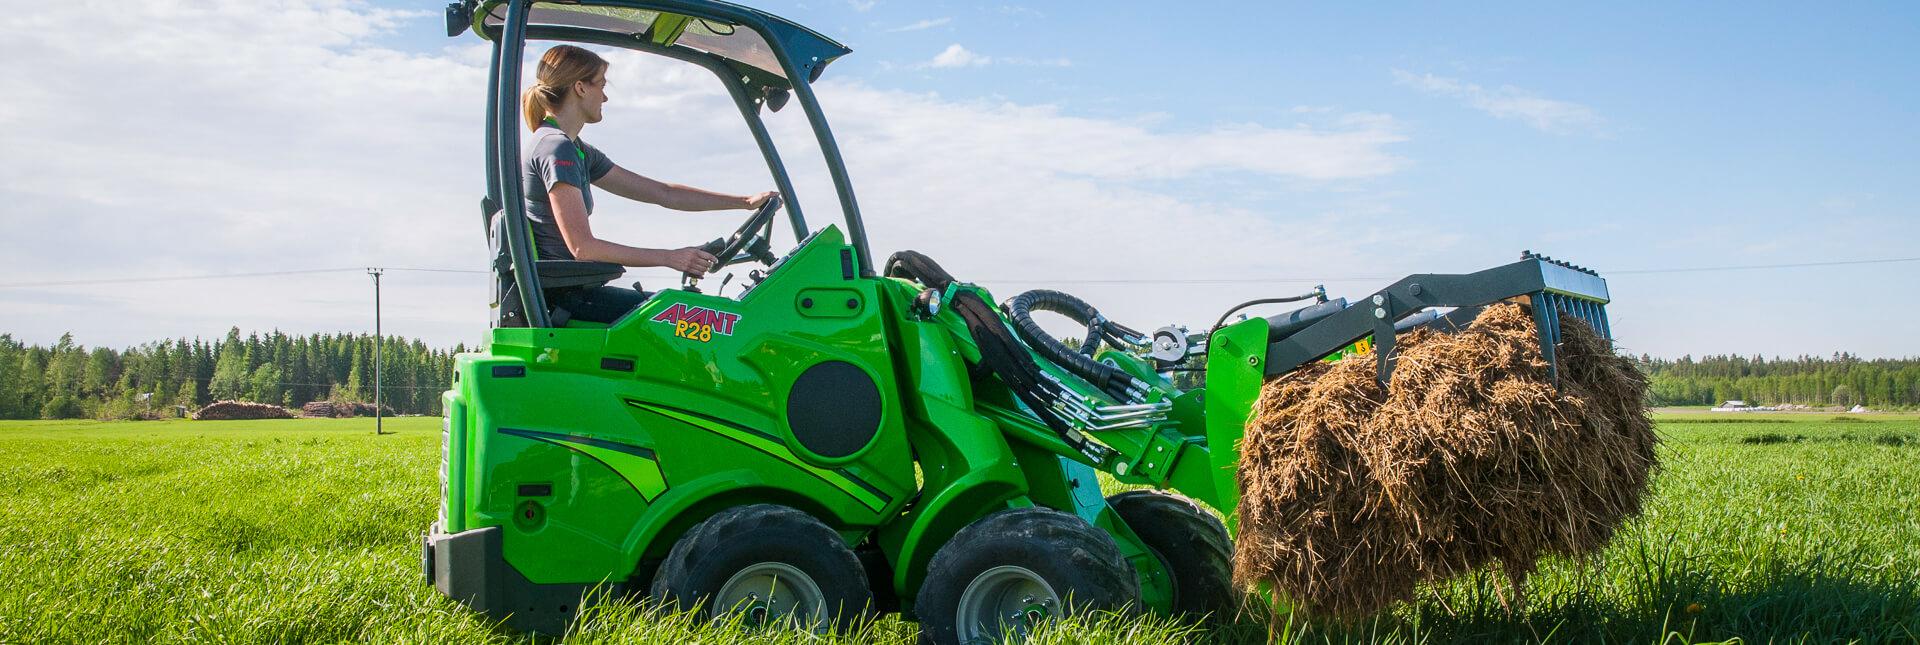 Arbejdsbillede af Overfald XL til avant minilæssere i landbruget